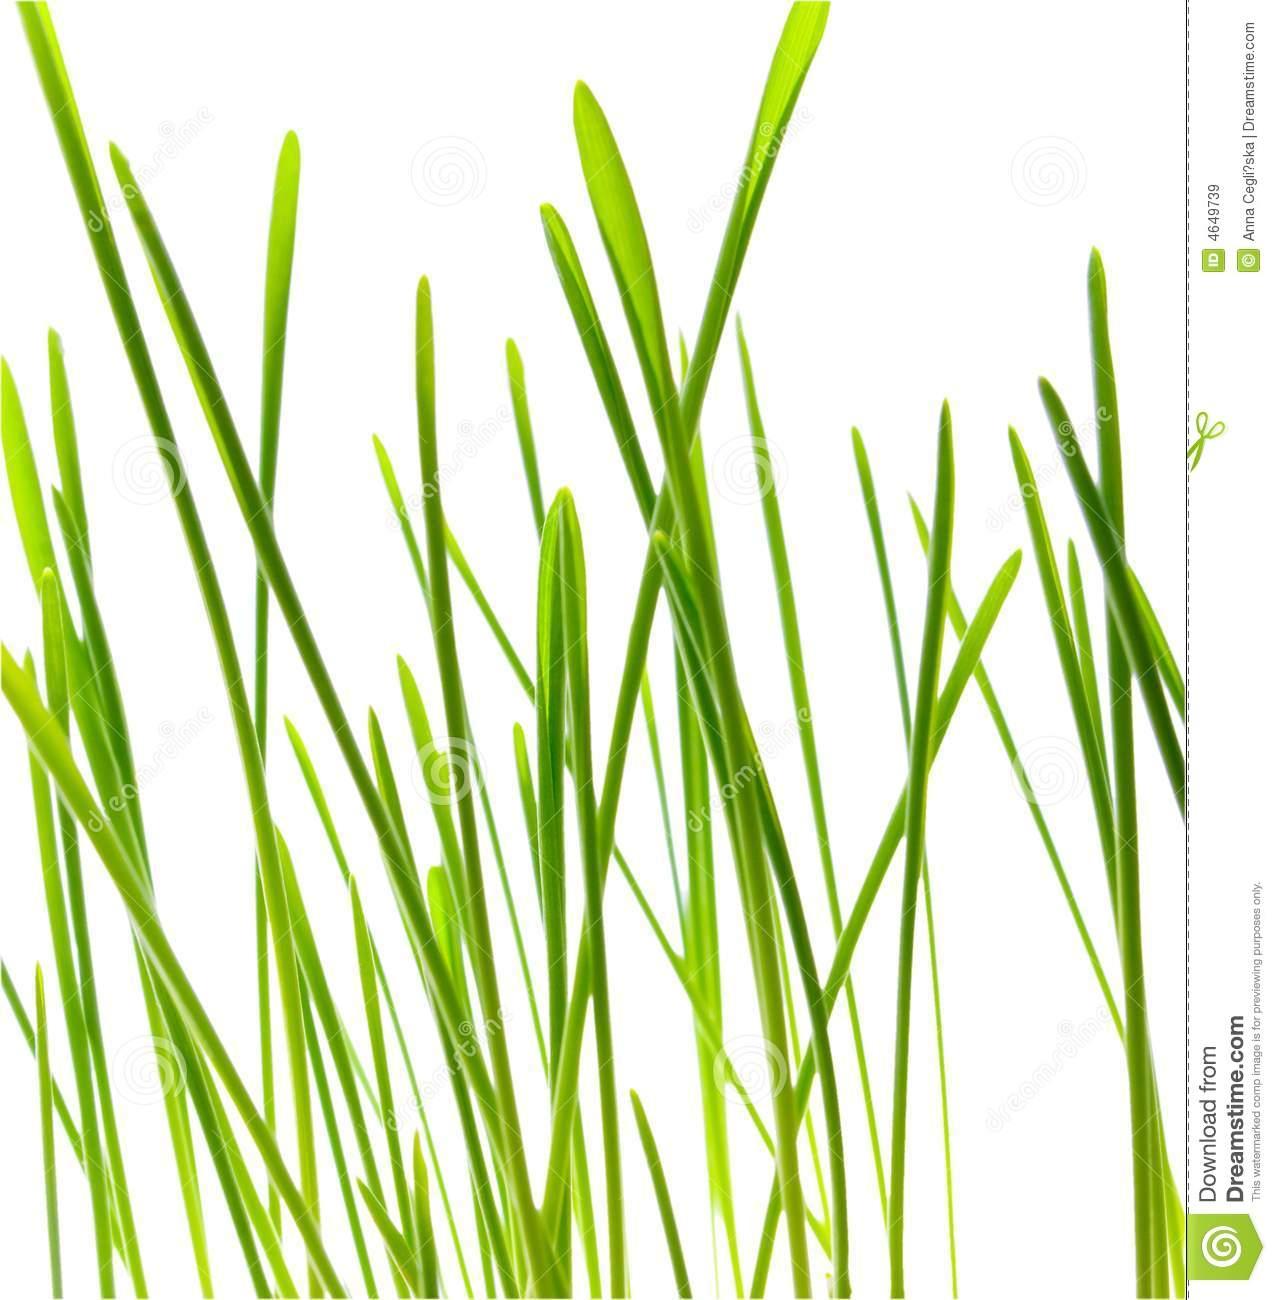 Green Blade Of Grass.